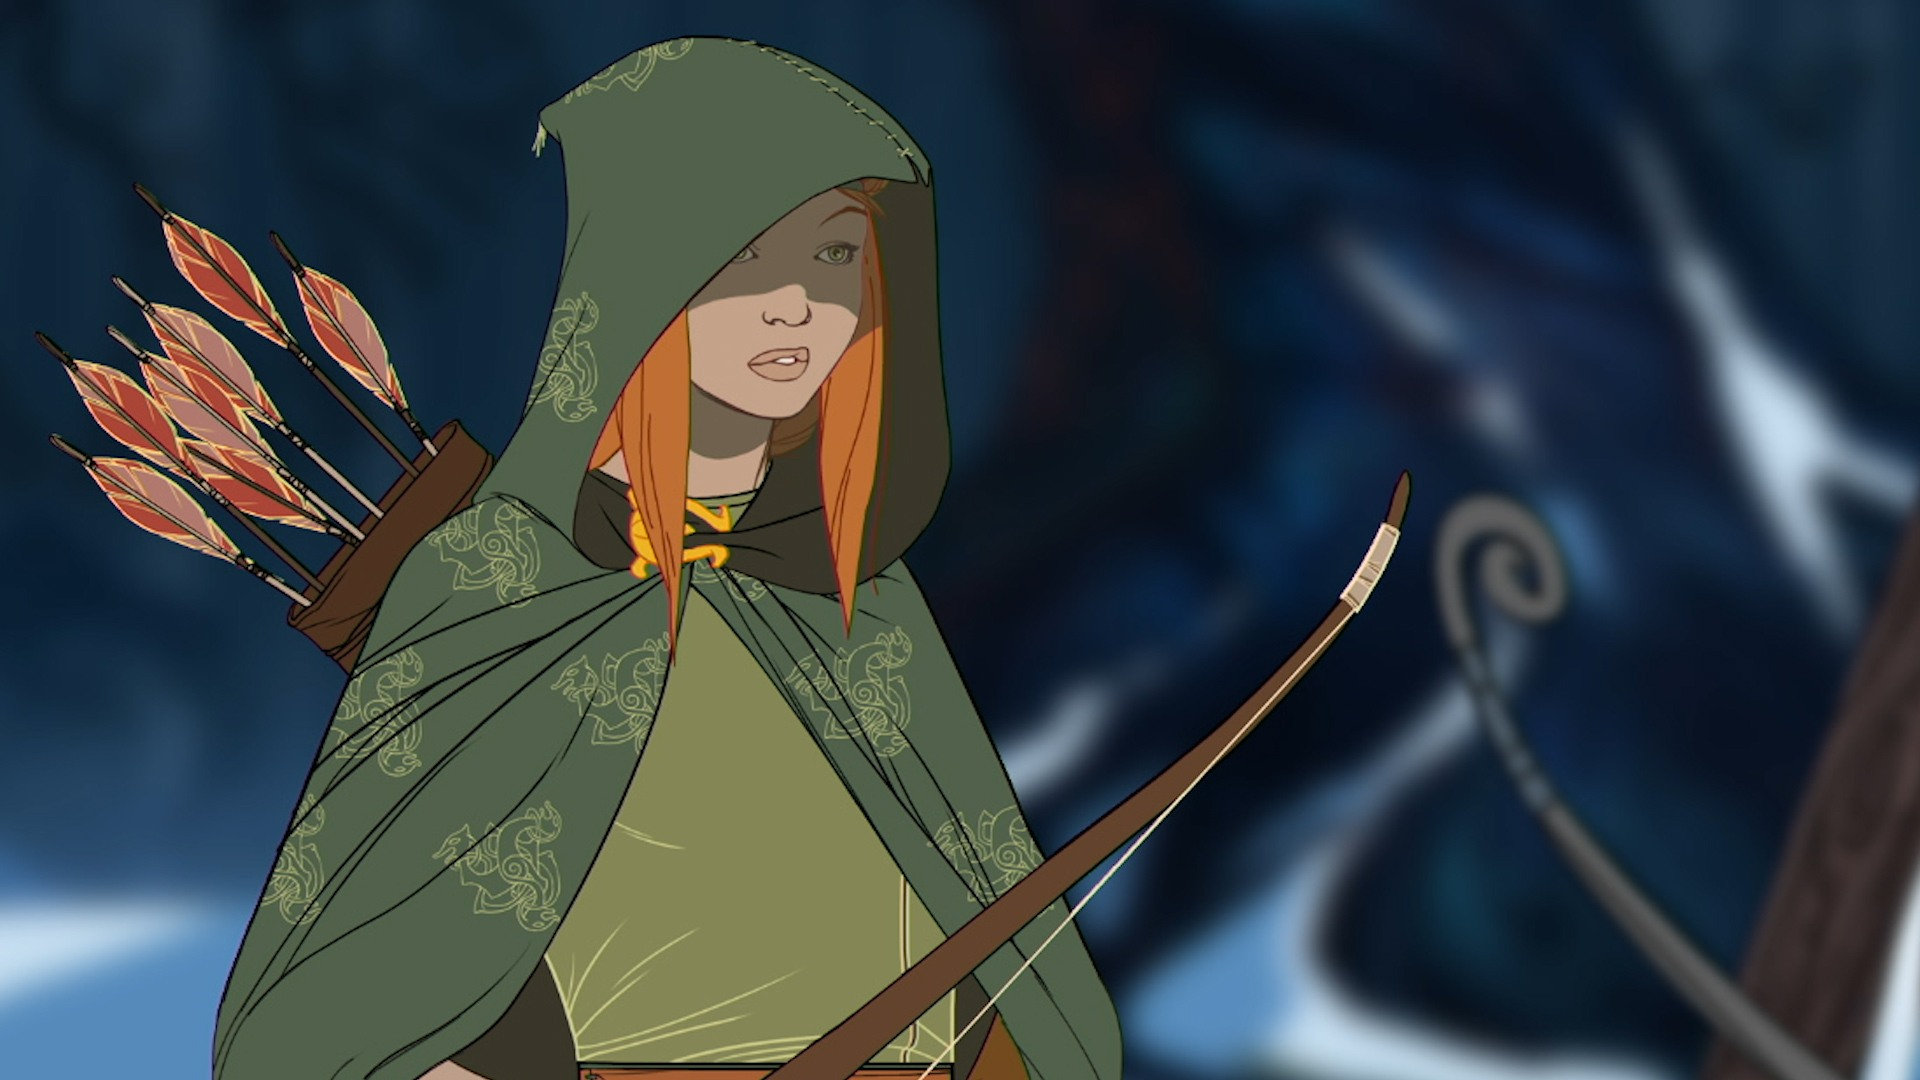 Получасовой геймплея The Banner Saga 3